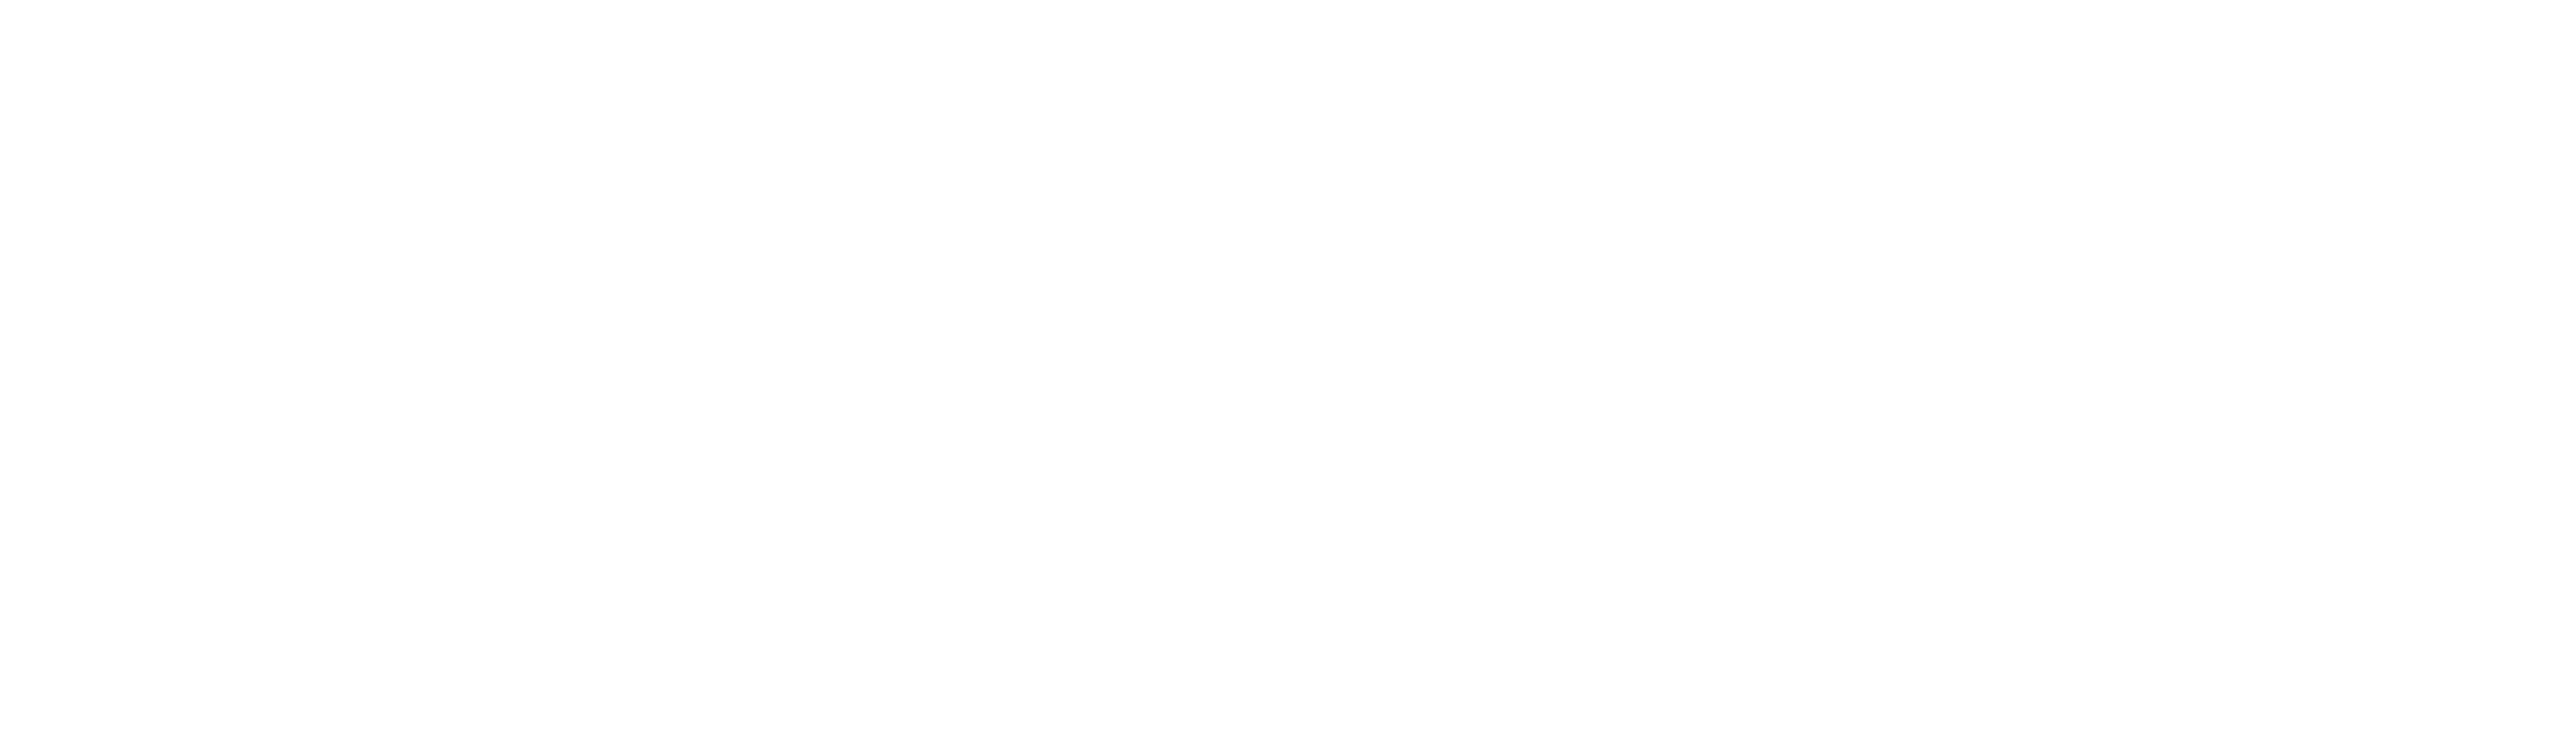 Tibco_logo-_Palo_Alto_CA_company-_PNG_2013-11-24_16-00-White